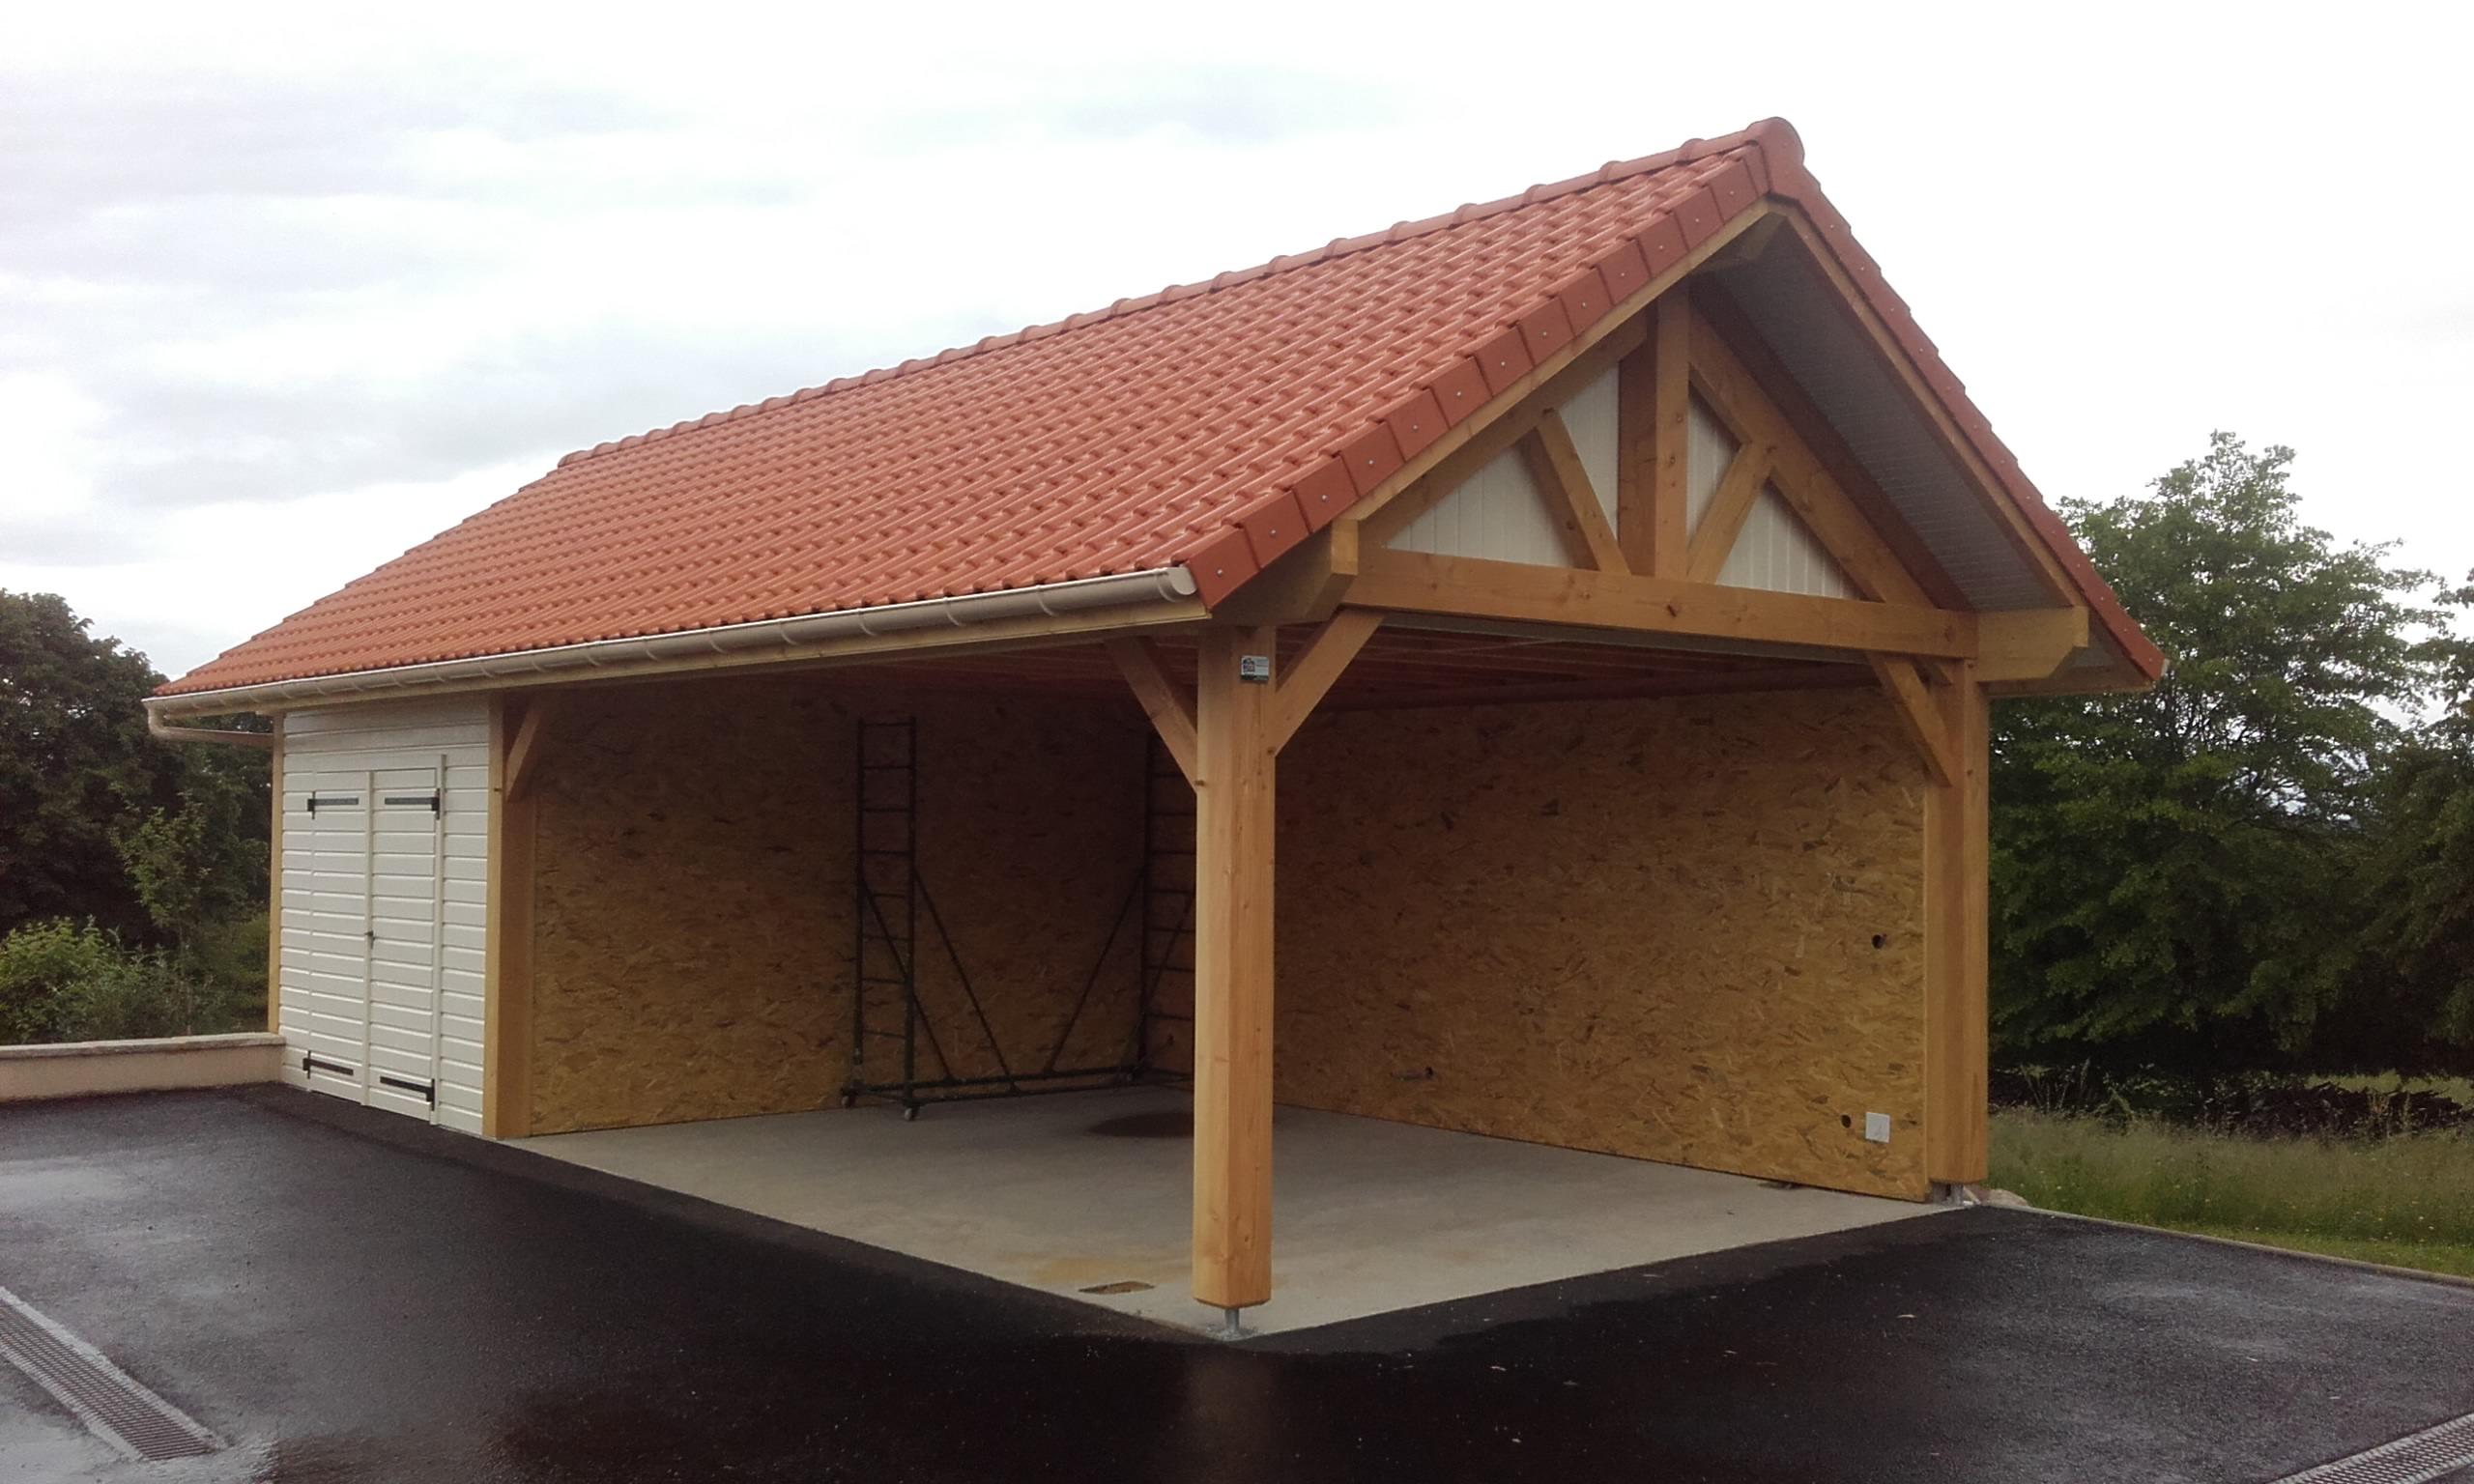 auvent carports nordi bois construction maisons madrier et ossature bois. Black Bedroom Furniture Sets. Home Design Ideas